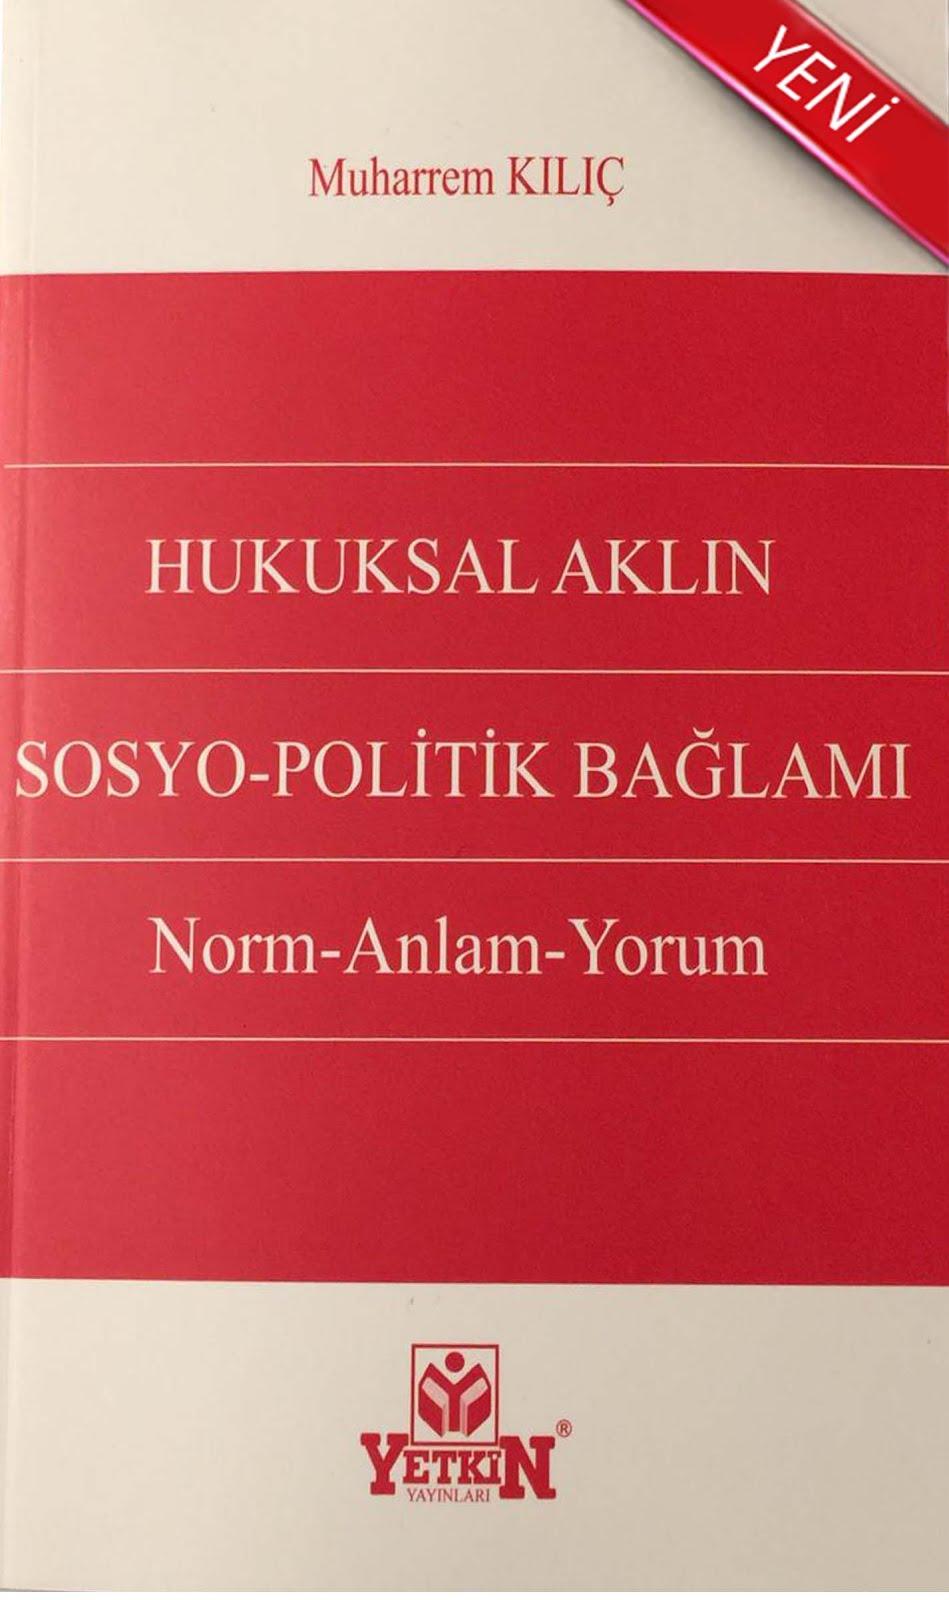 Kitap